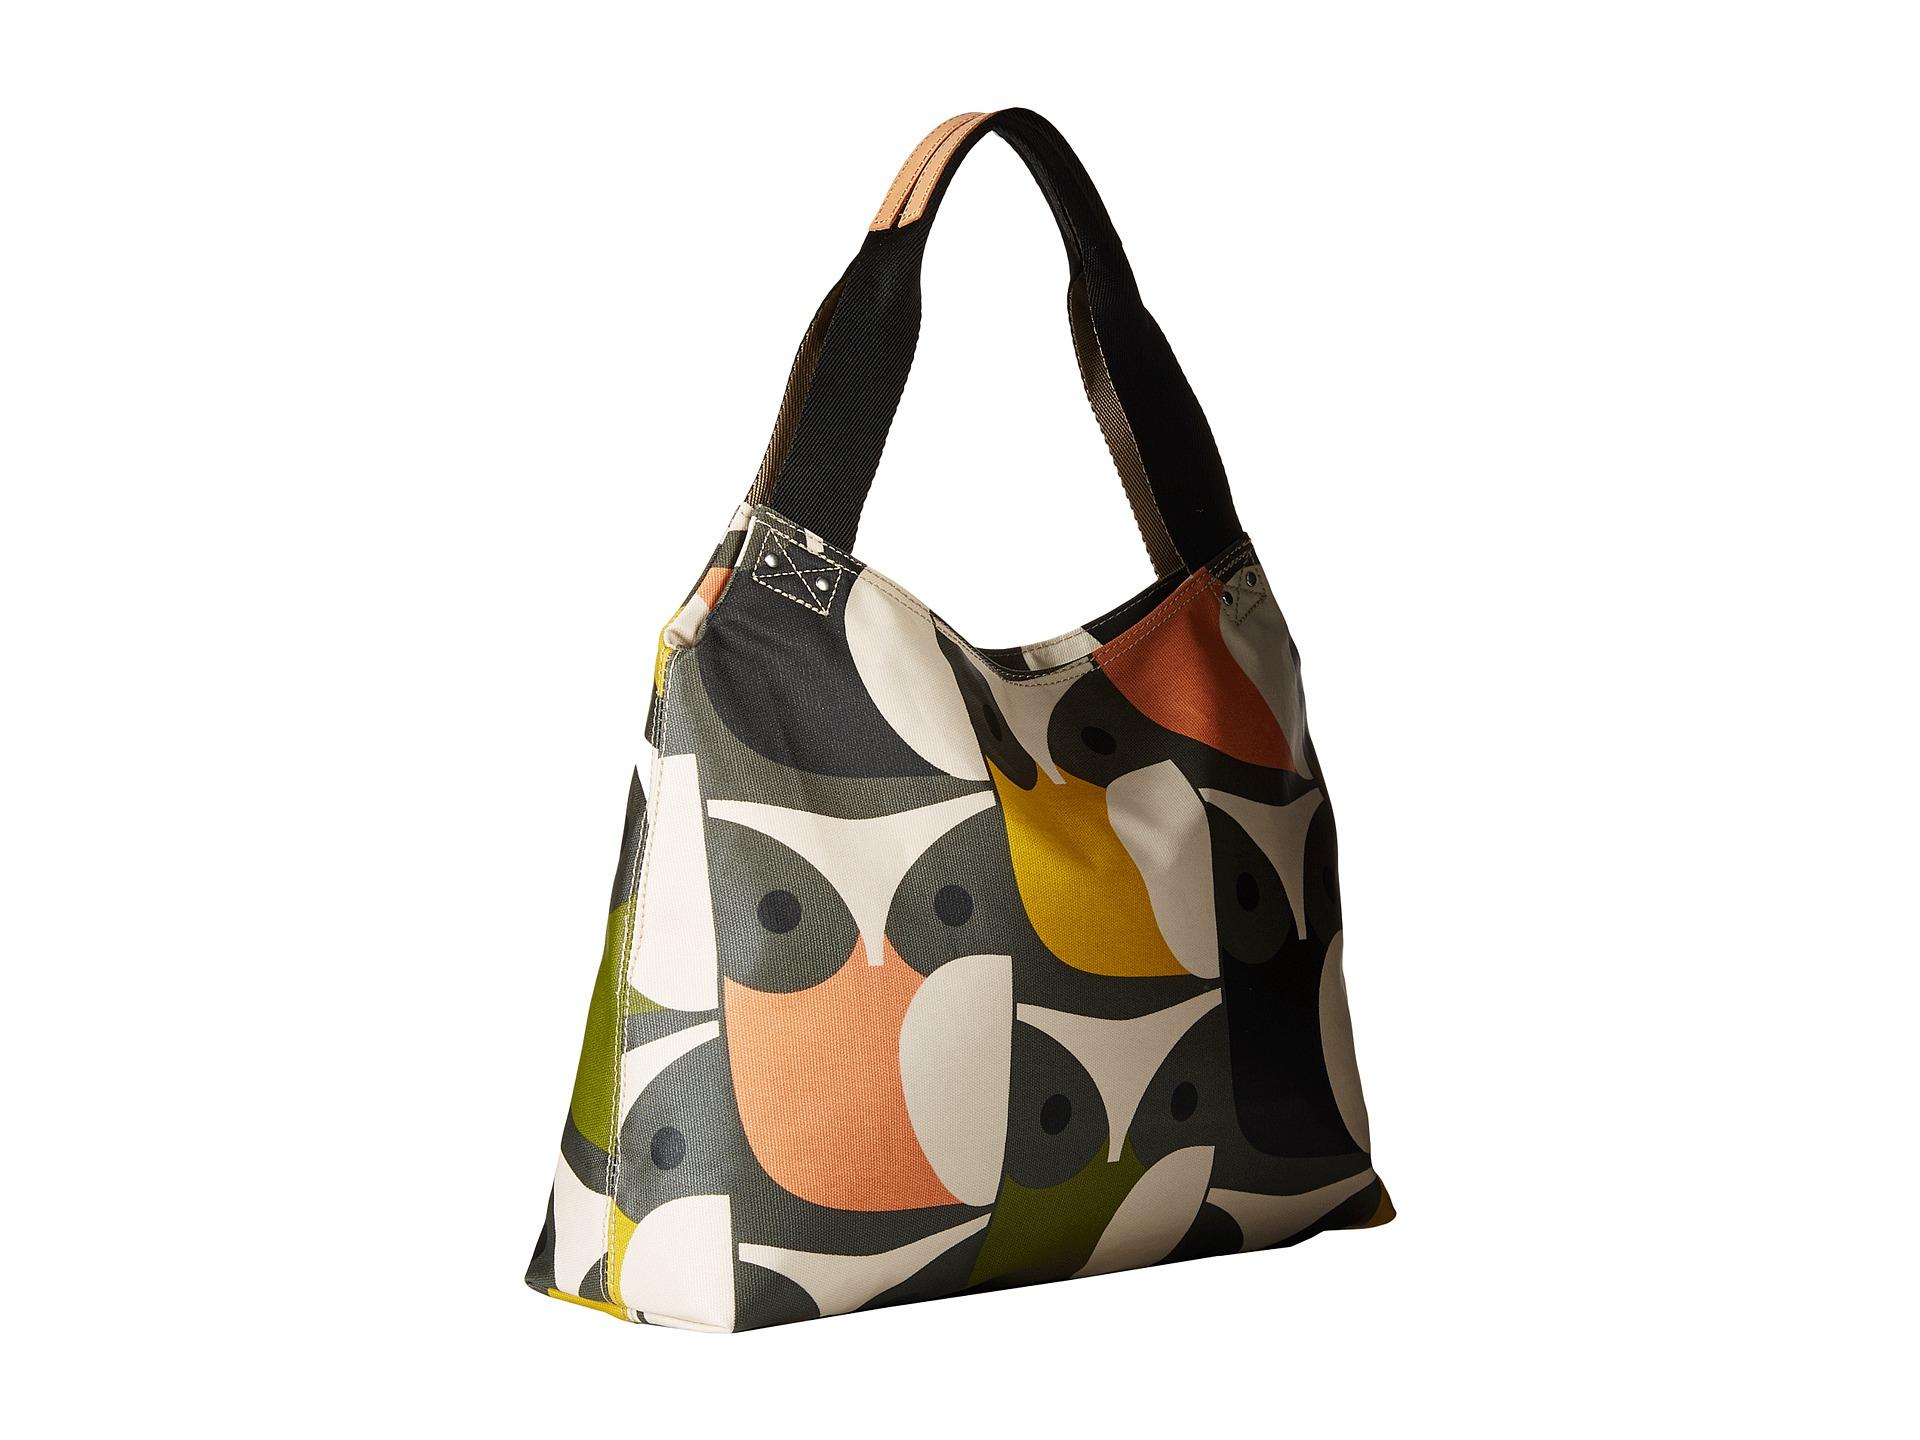 Lyst - Orla Kiely Matt Laminated Big Owl Print Classic Zip Shoulder Bag 8f9ad1db9e61a